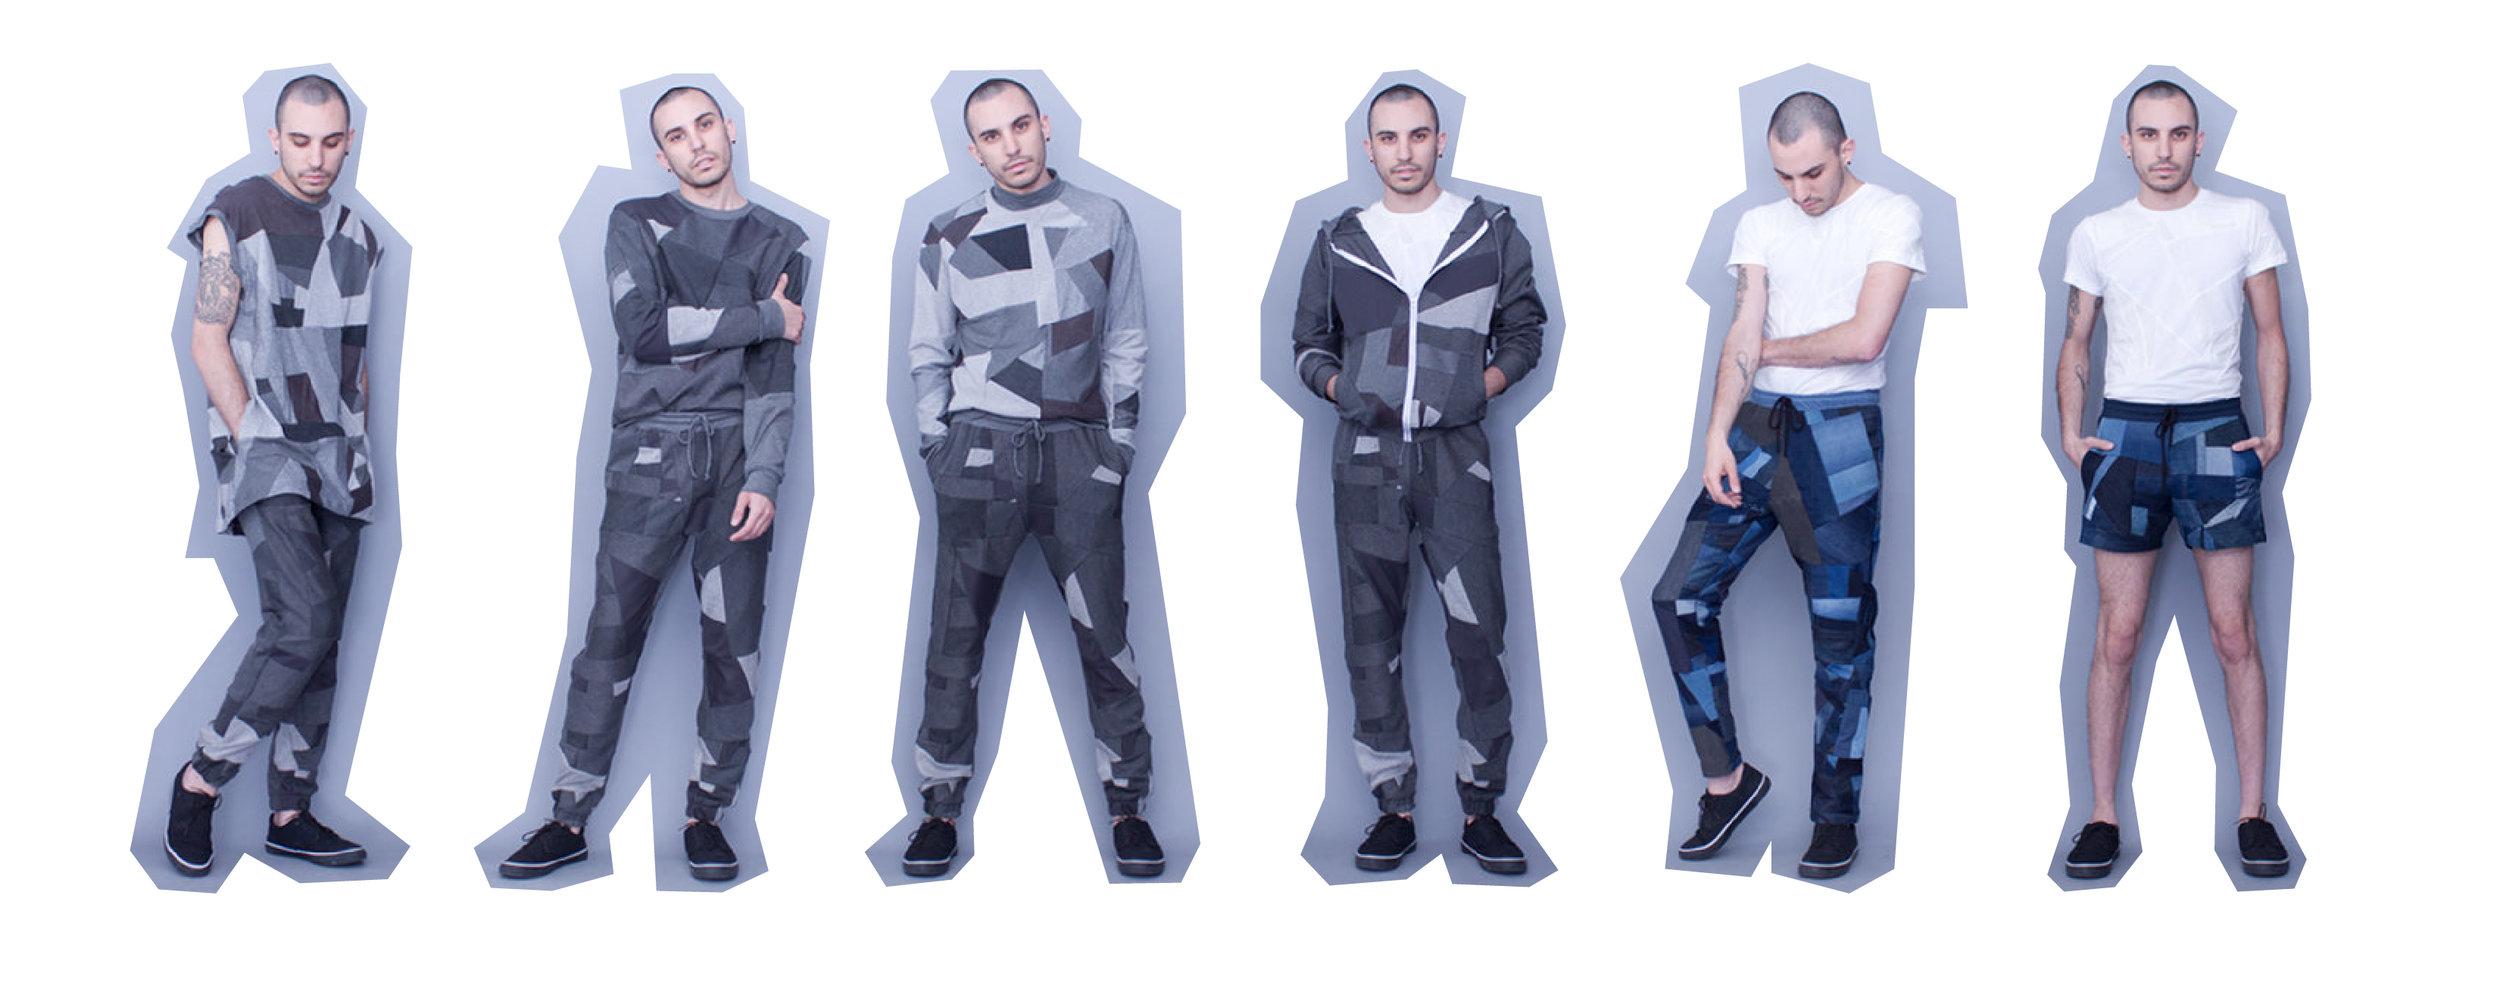 capsule wardrobe v1-01.jpg